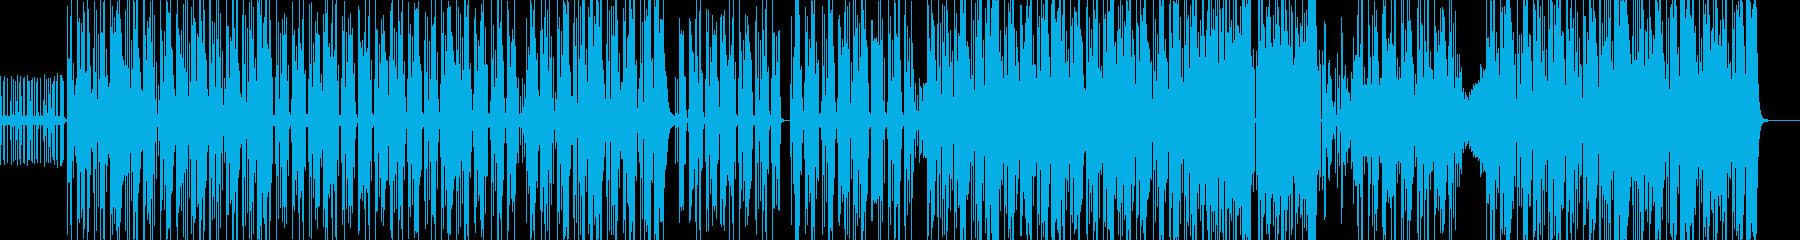 脱力系のちょいワルなヒップホップの再生済みの波形